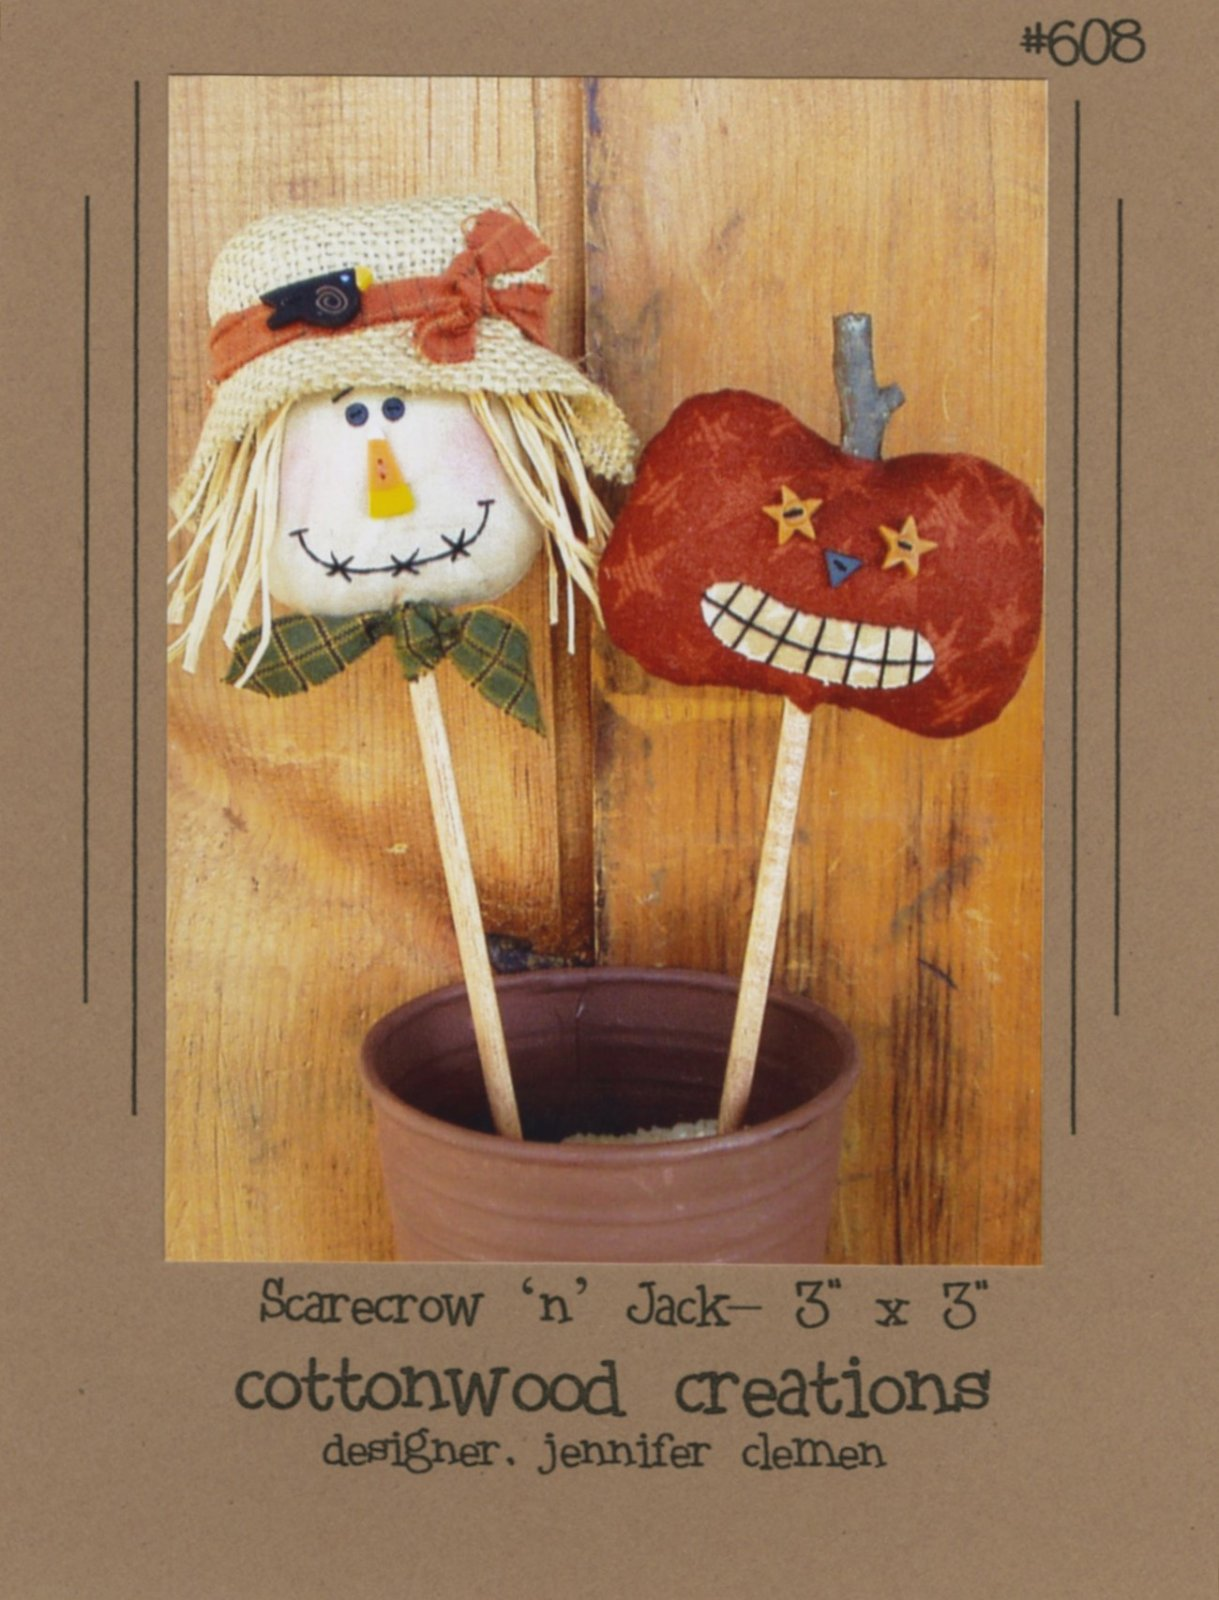 Scarecrow n Jack